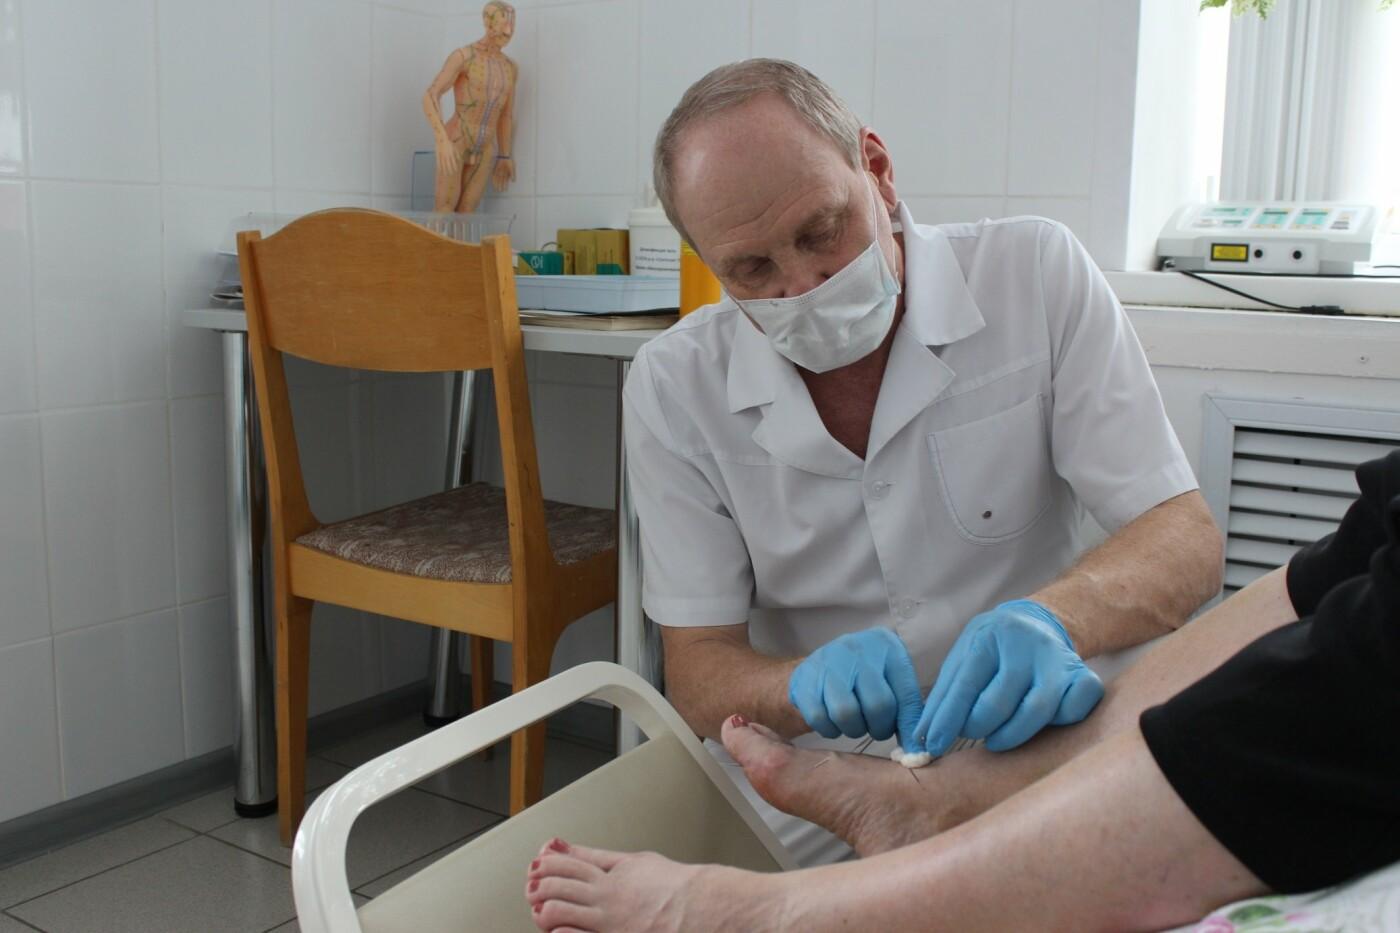 Димитровградские физиотерапевты применяют новые методы рефлексотерапии, фото-6